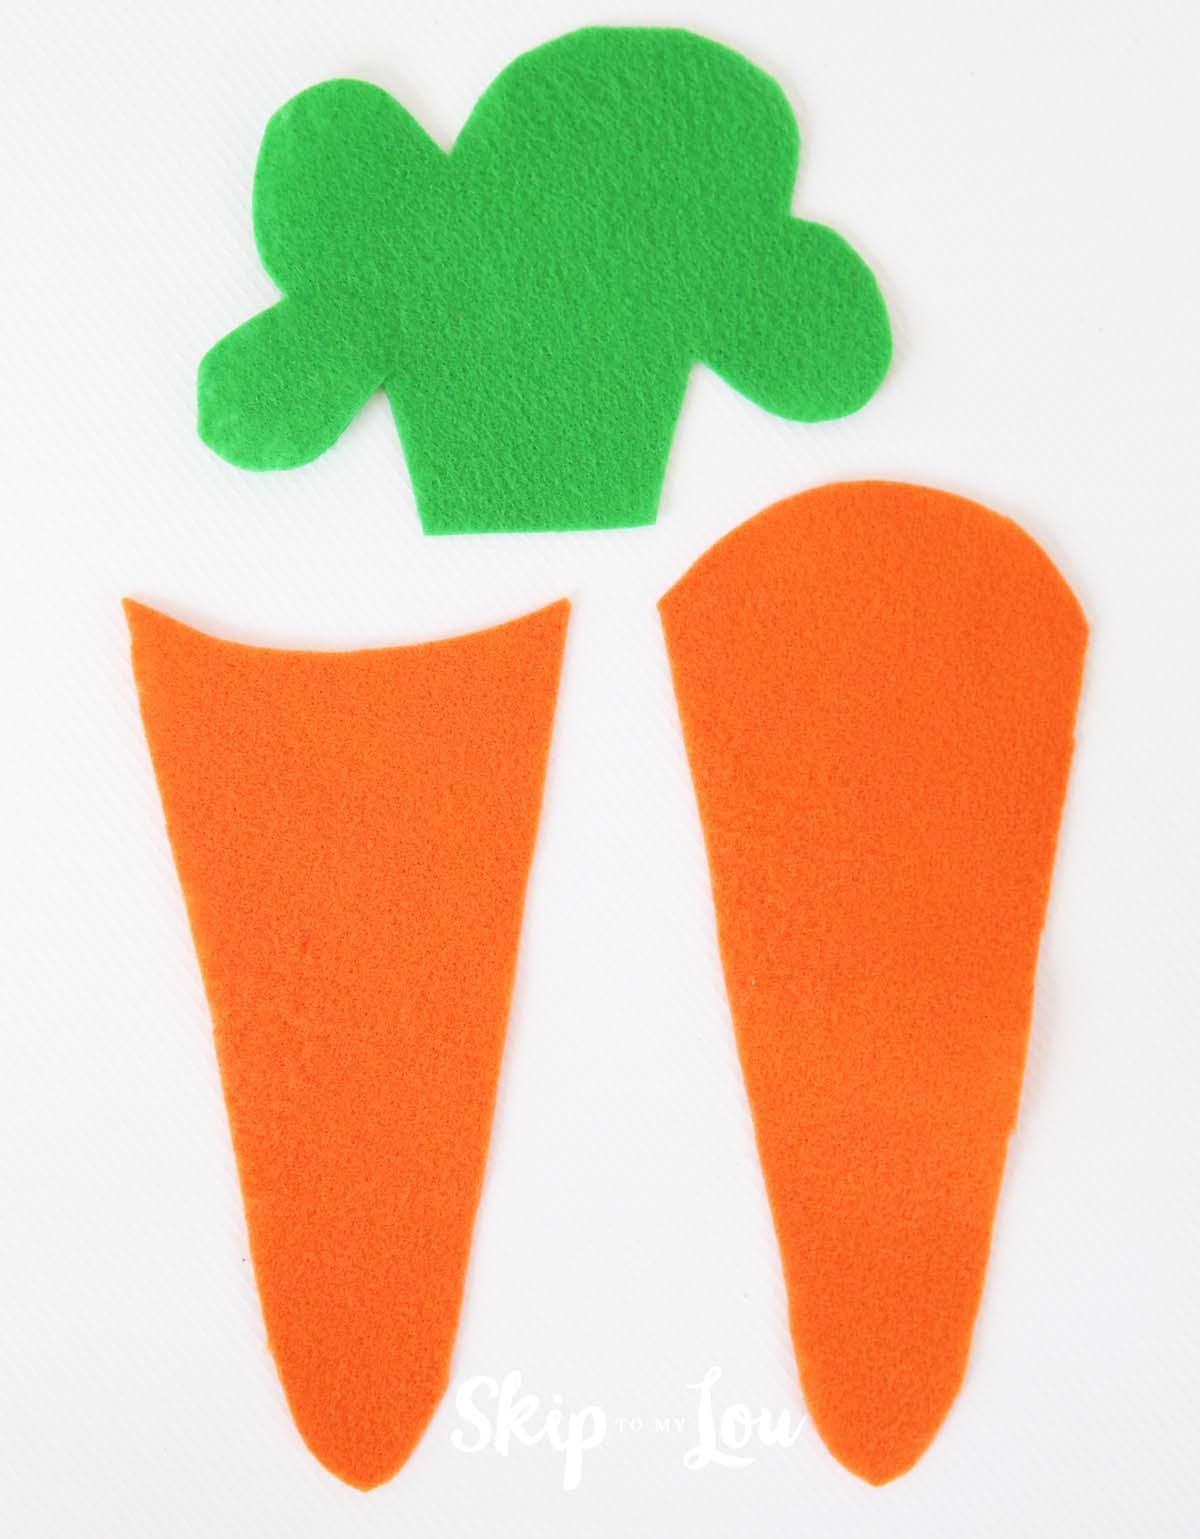 felt carrot pencil holder tutorial